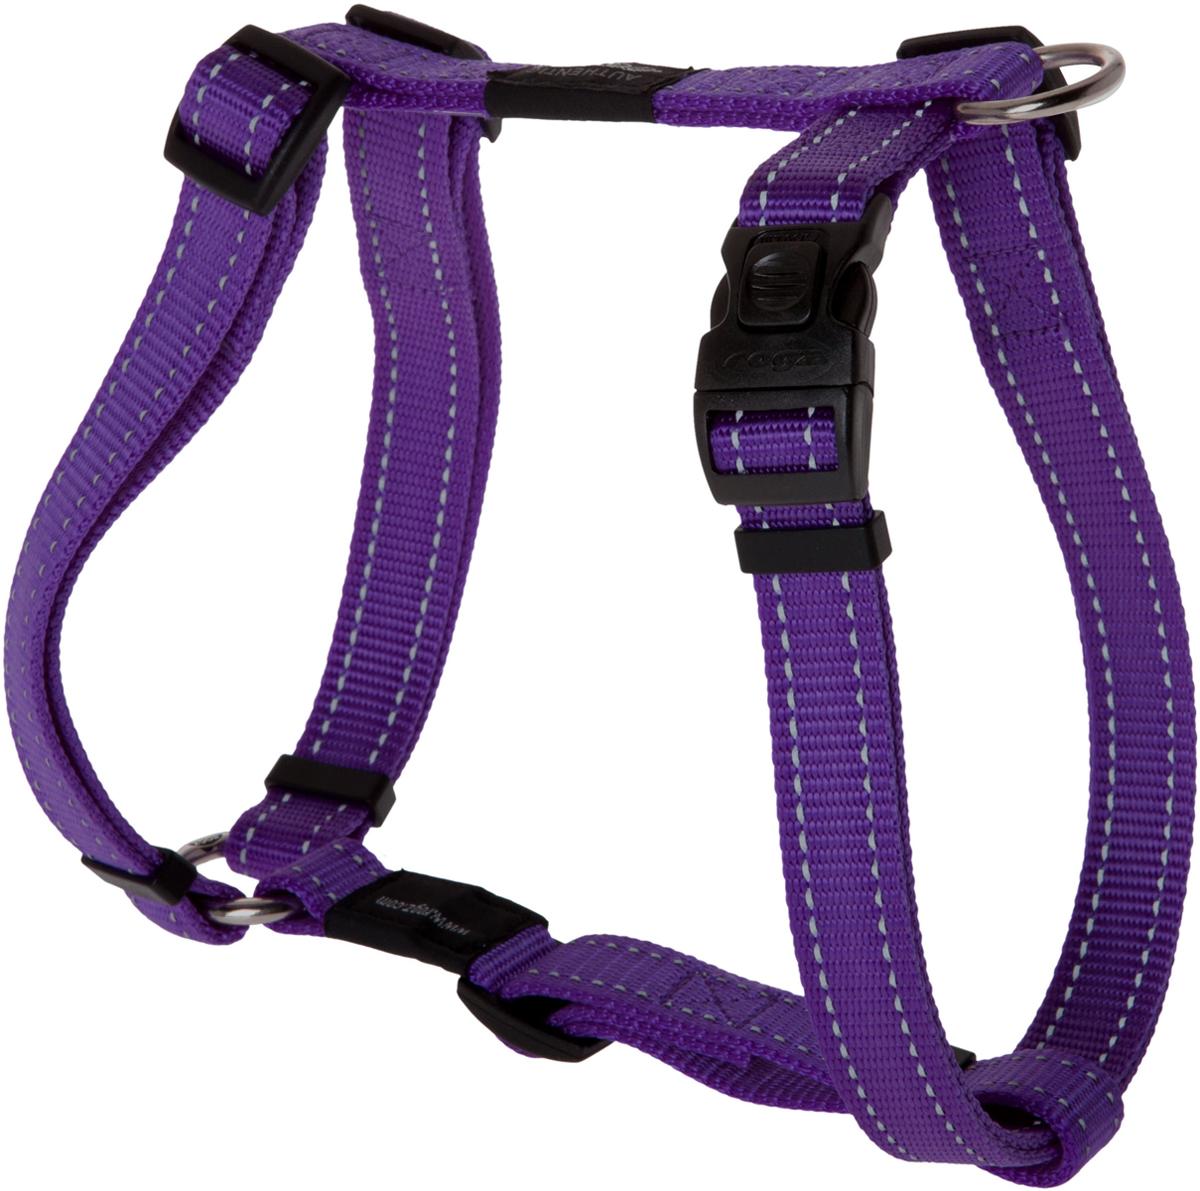 Шлейка для собак Rogz Utility, цвет: фиолетовый, ширина 2 см. Размер LSJ06EШлейка для собак Rogz Utility со светоотражающей нитью, вплетенной в нейлоновую ленту, обеспечивает лучшую видимость собаки в темное время суток. Специальная конструкция пряжки Rog Loc - очень крепкая (система Fort Knox). Замок может быть расстегнут только рукой человека. Технология распределения нагрузки позволяет снизить нагрузку на пряжки, изготовленные из титанового пластика, с помощью правильного и разумного расположения грузовых колец, благодаря чему, даже при самых сильных рывках, изделие не рвется и не деформируется.Выполненные специально по заказу ROGZ литые кольца гальванически хромированы, что позволяет избежать коррозии и потускнения изделия.